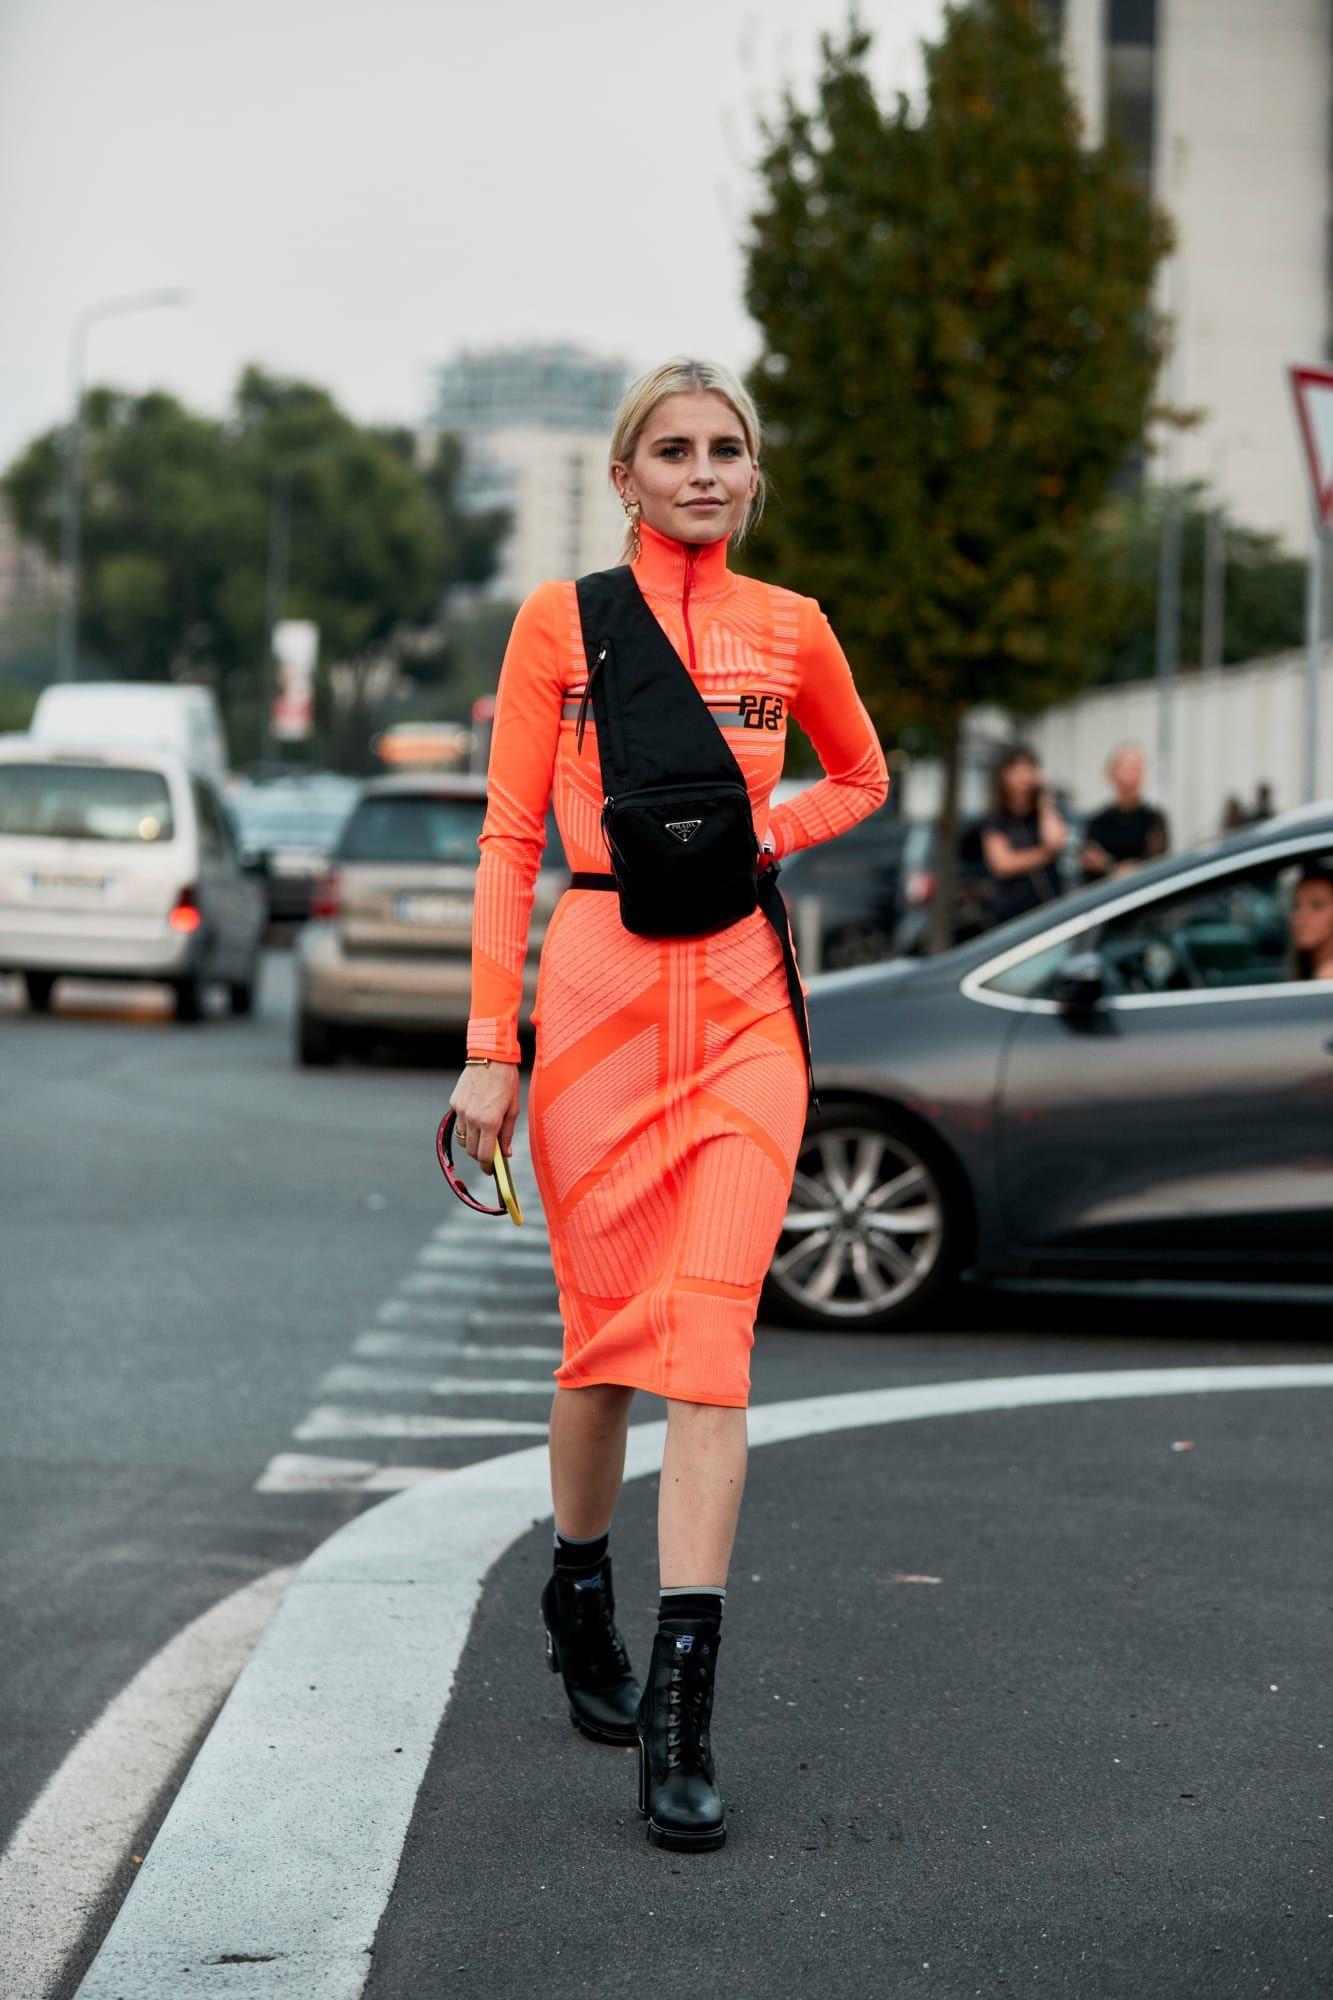 fashionista mặc đồ thể thao màu cam và túi đeo chéo đen 2